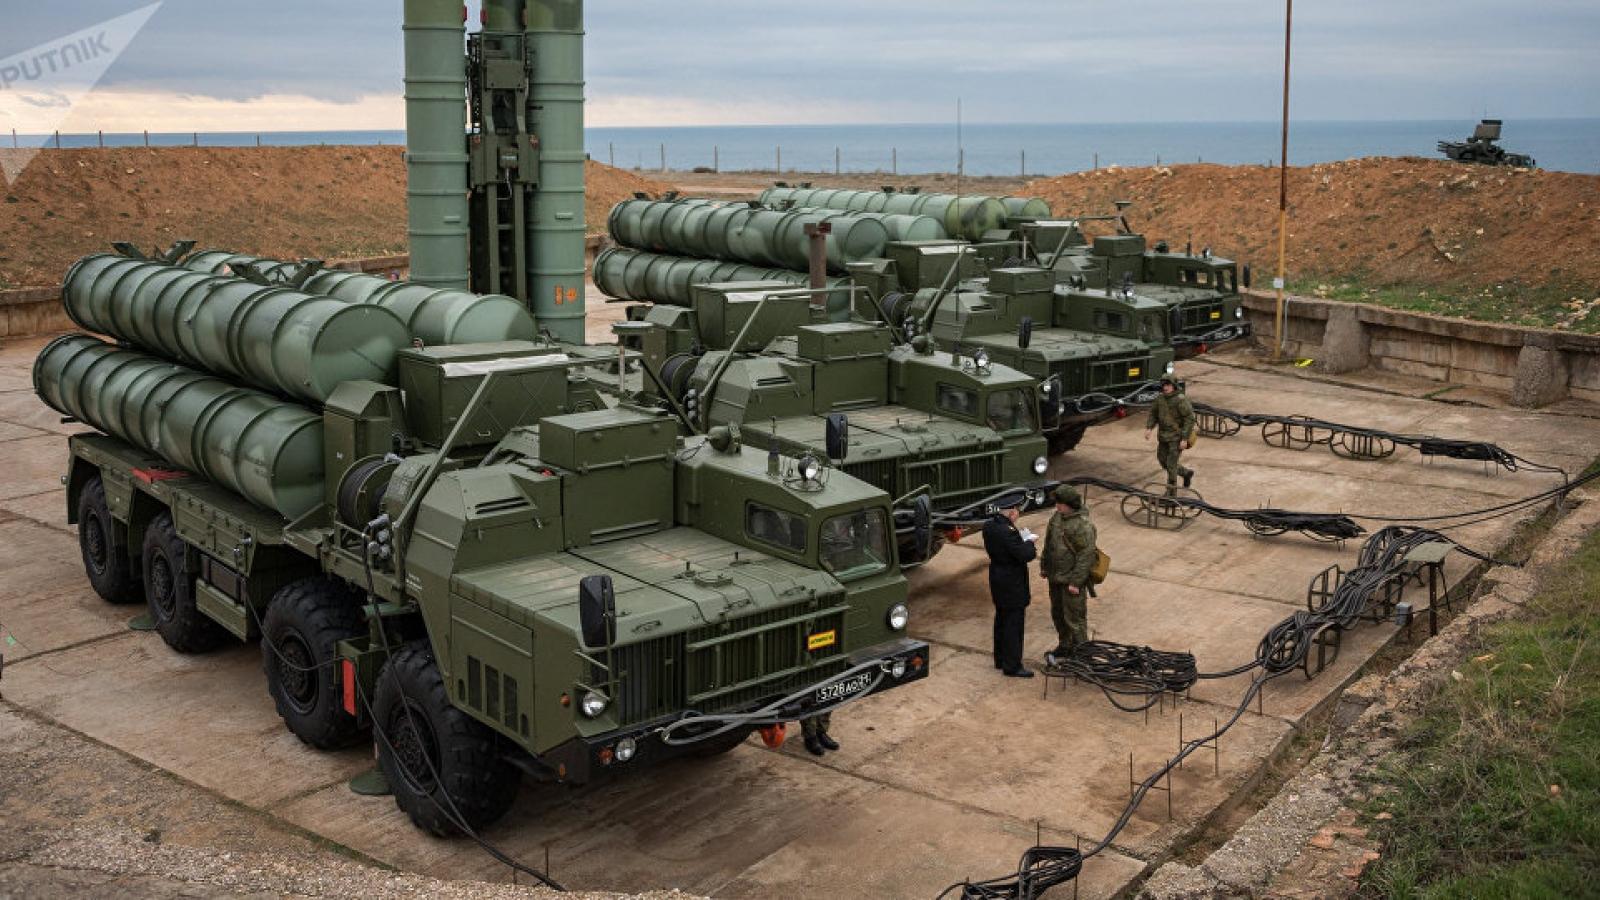 Thổ Nhĩ Kỳ không thể bị trừng phạt theo CAATSA vì mua S-400 của Nga